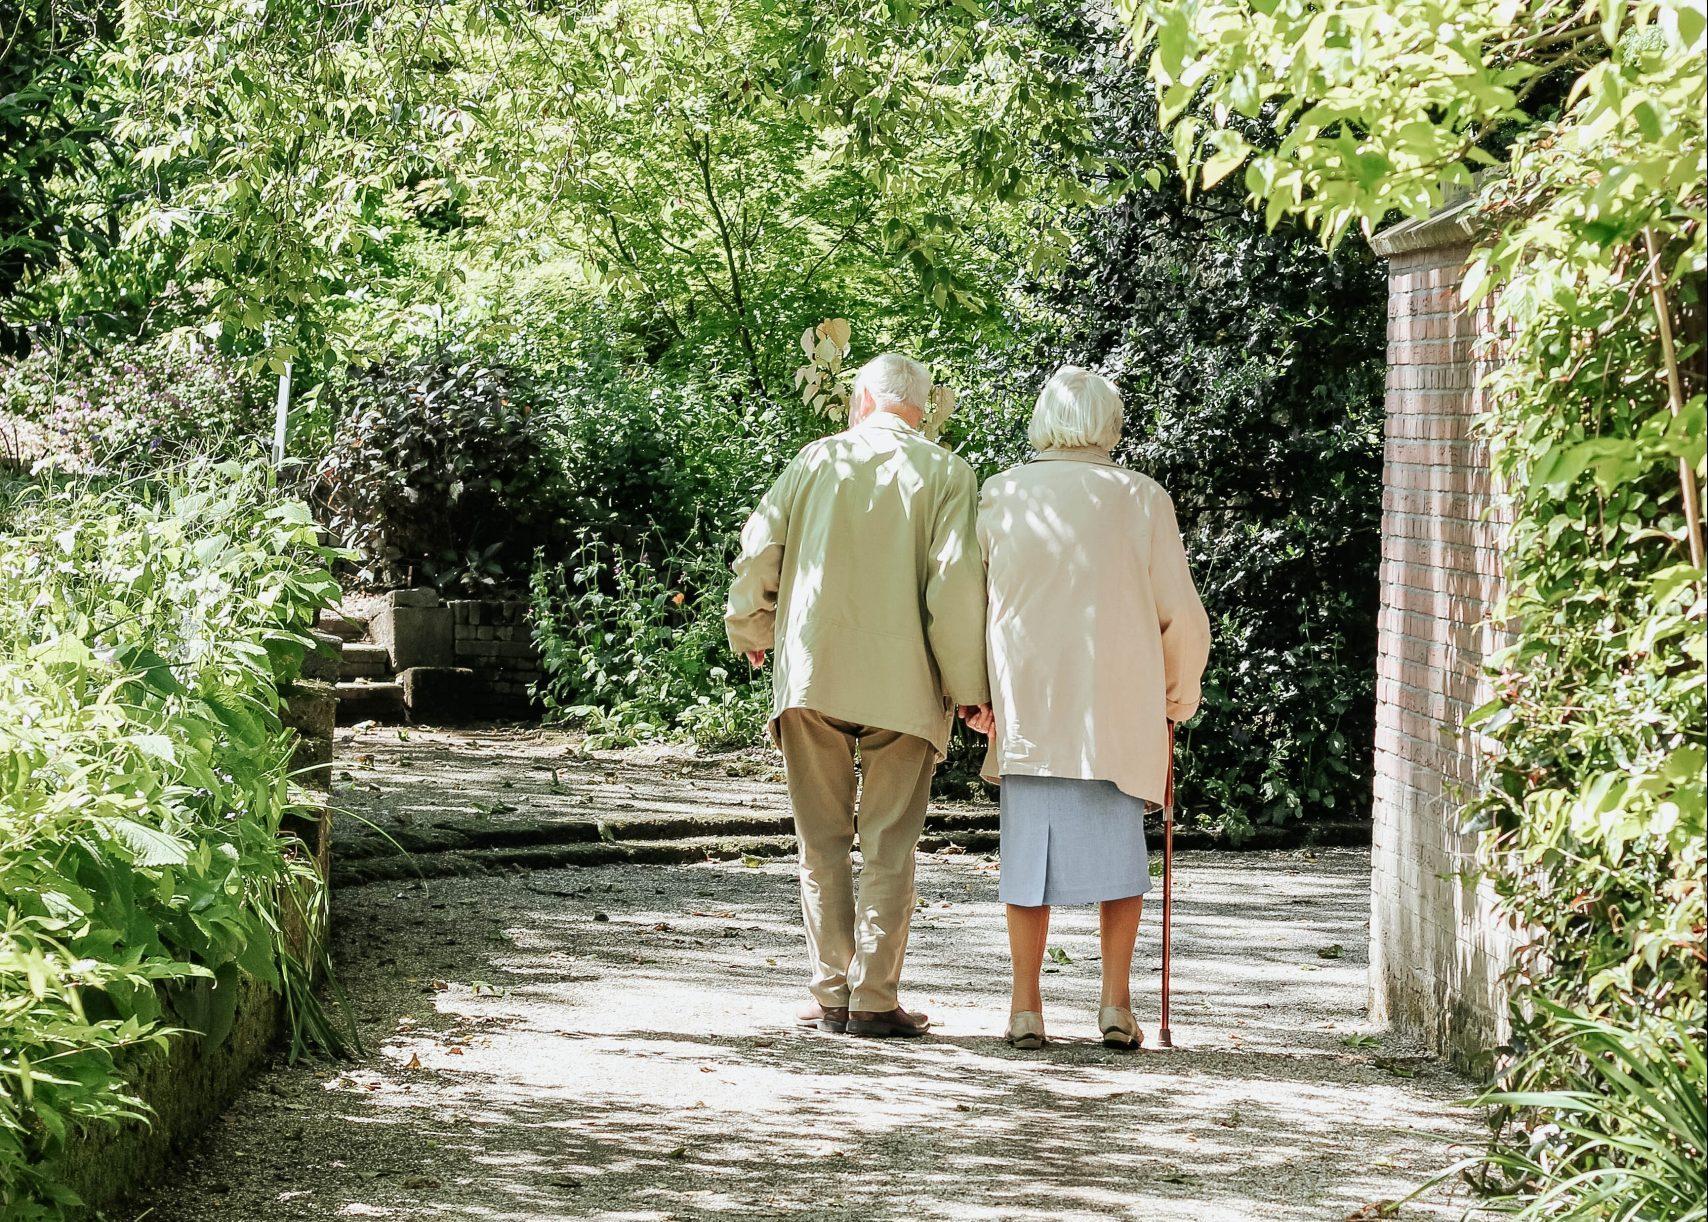 Modificare majoră la legea pensiilor. Prevederea a intrat deja în vigoare joi. Cine iese mai devreme la pensie